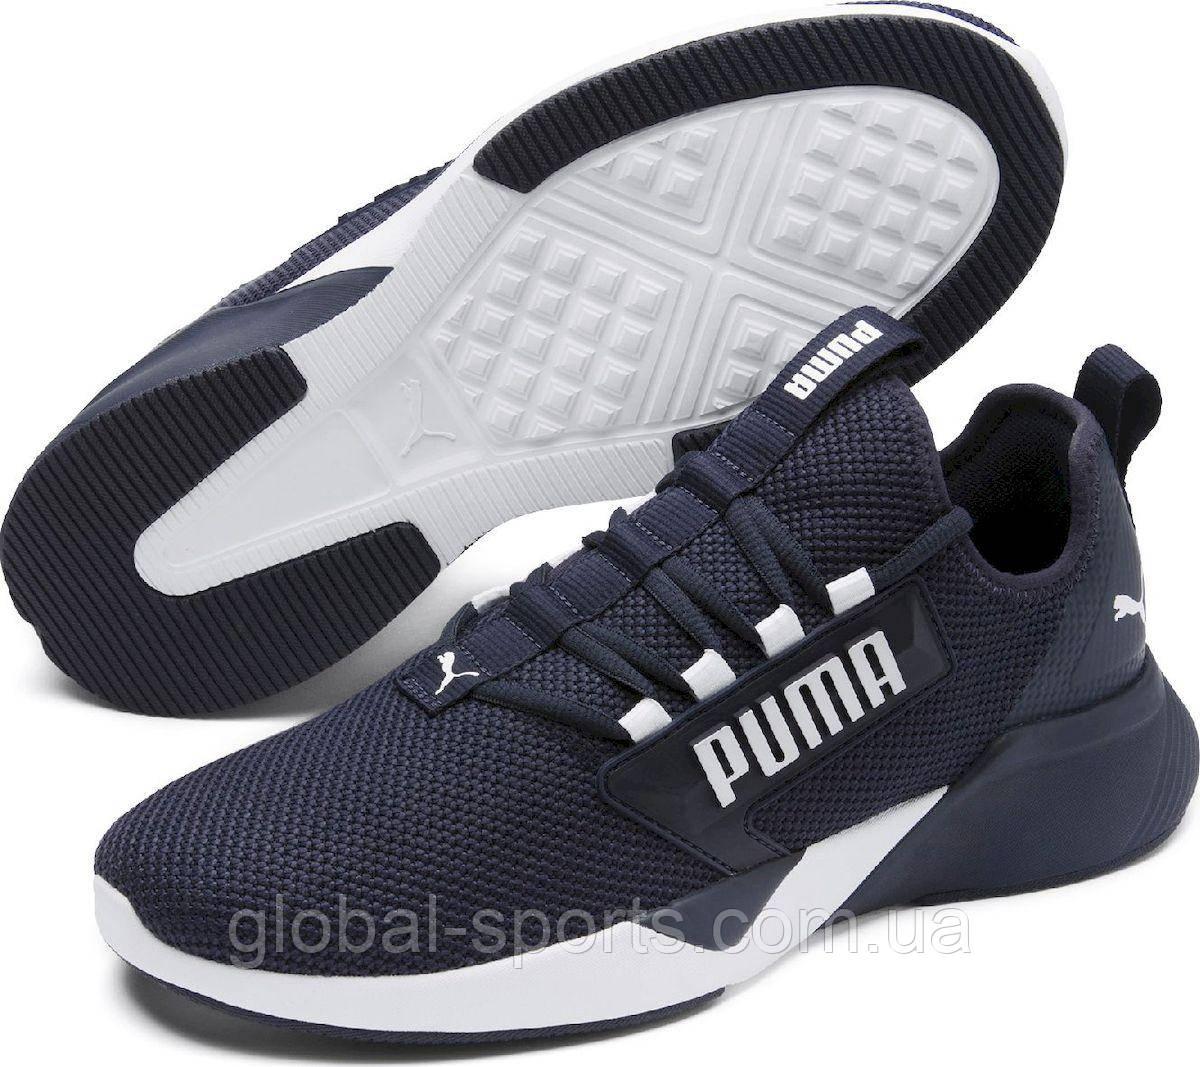 Кросівки чоловічі Puma Retaliate (Артикул: 19234002)